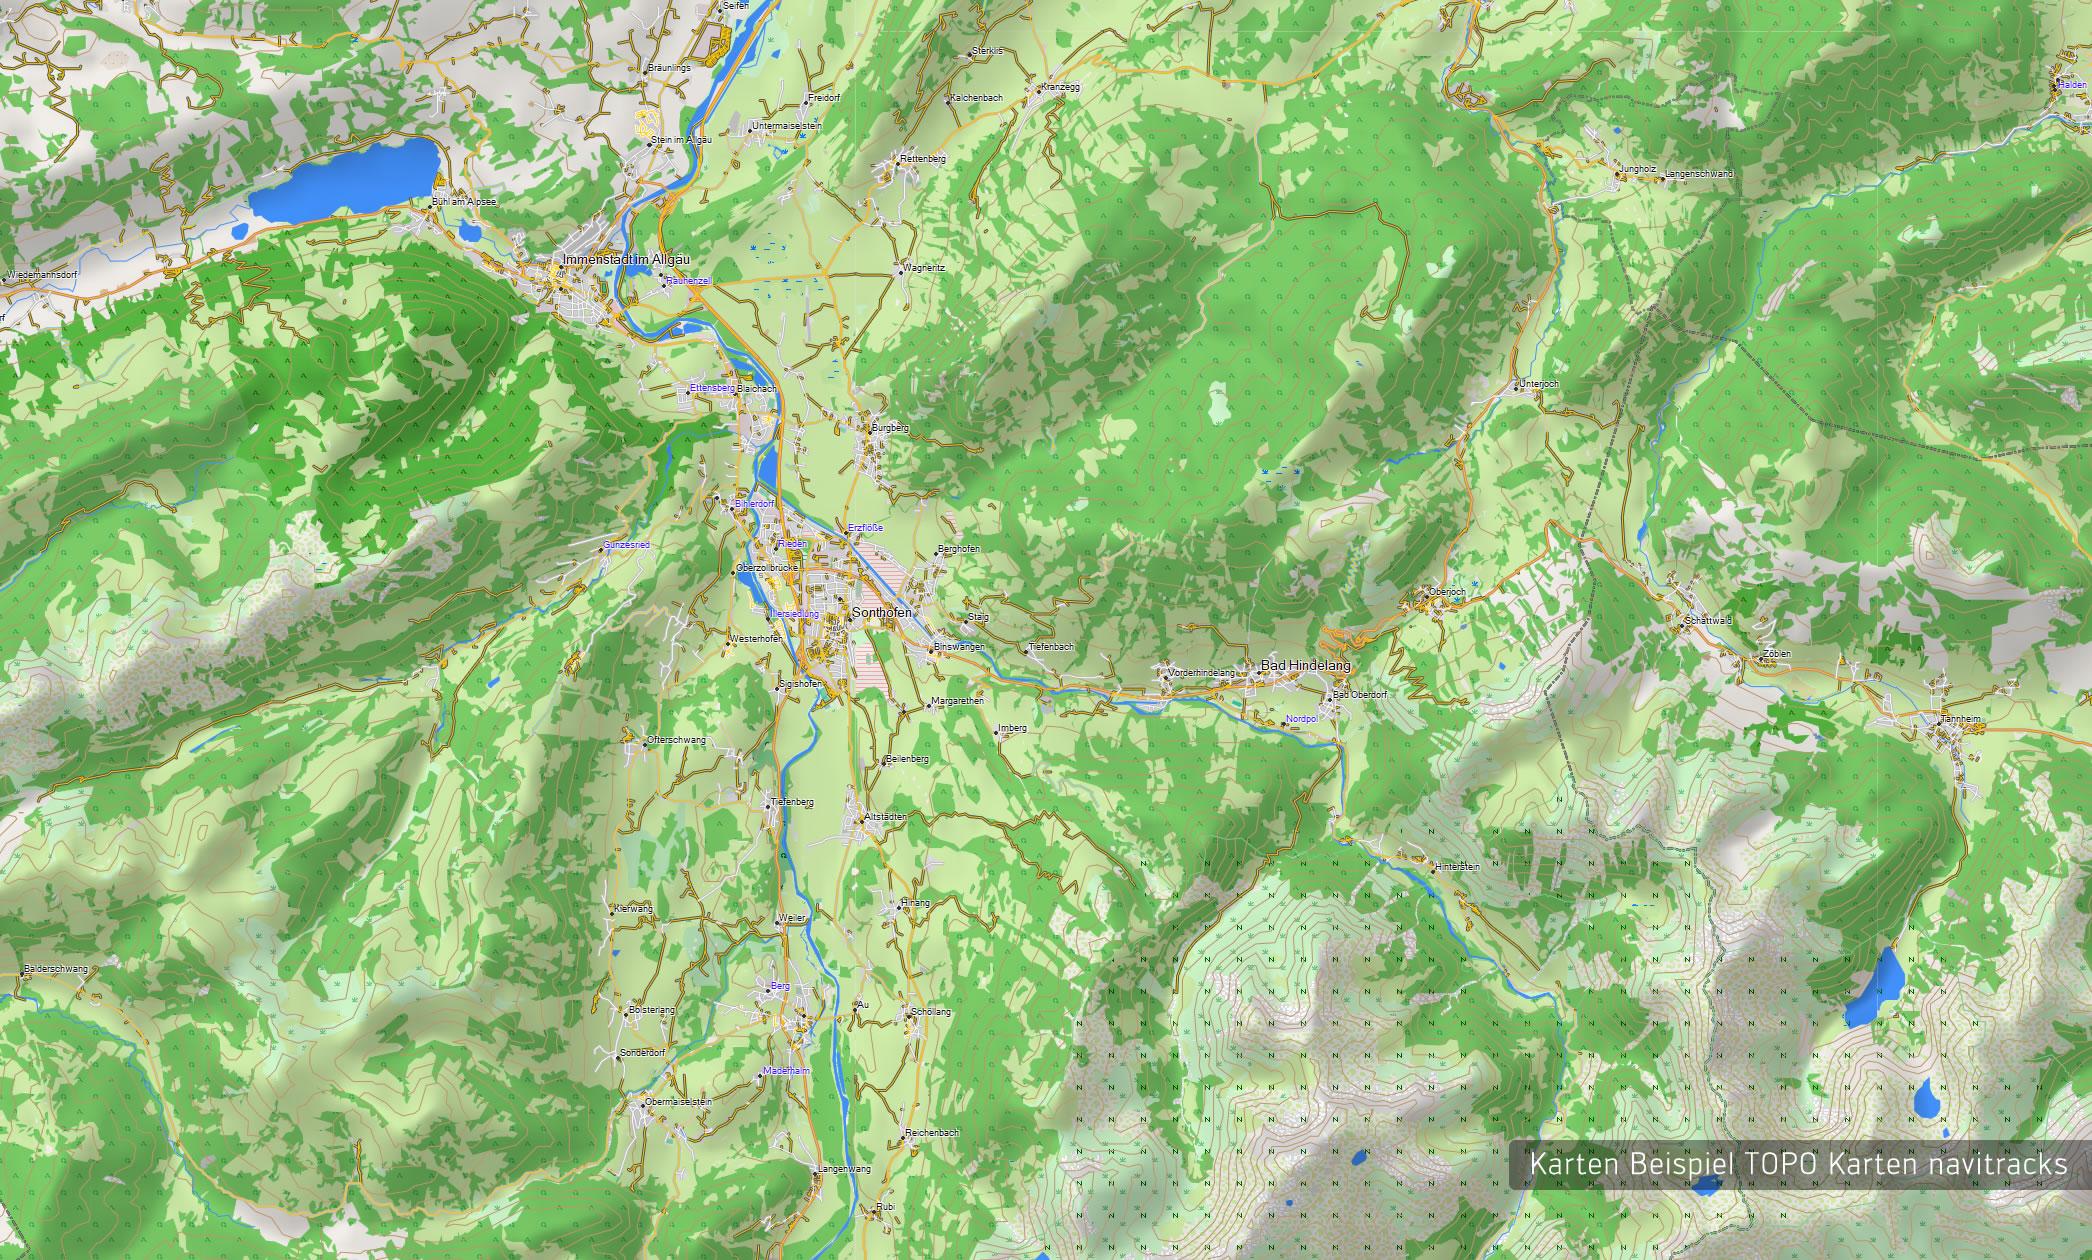 Topo Karte Thailand Asien Gps Karte Garmin Mit 20m Srtm